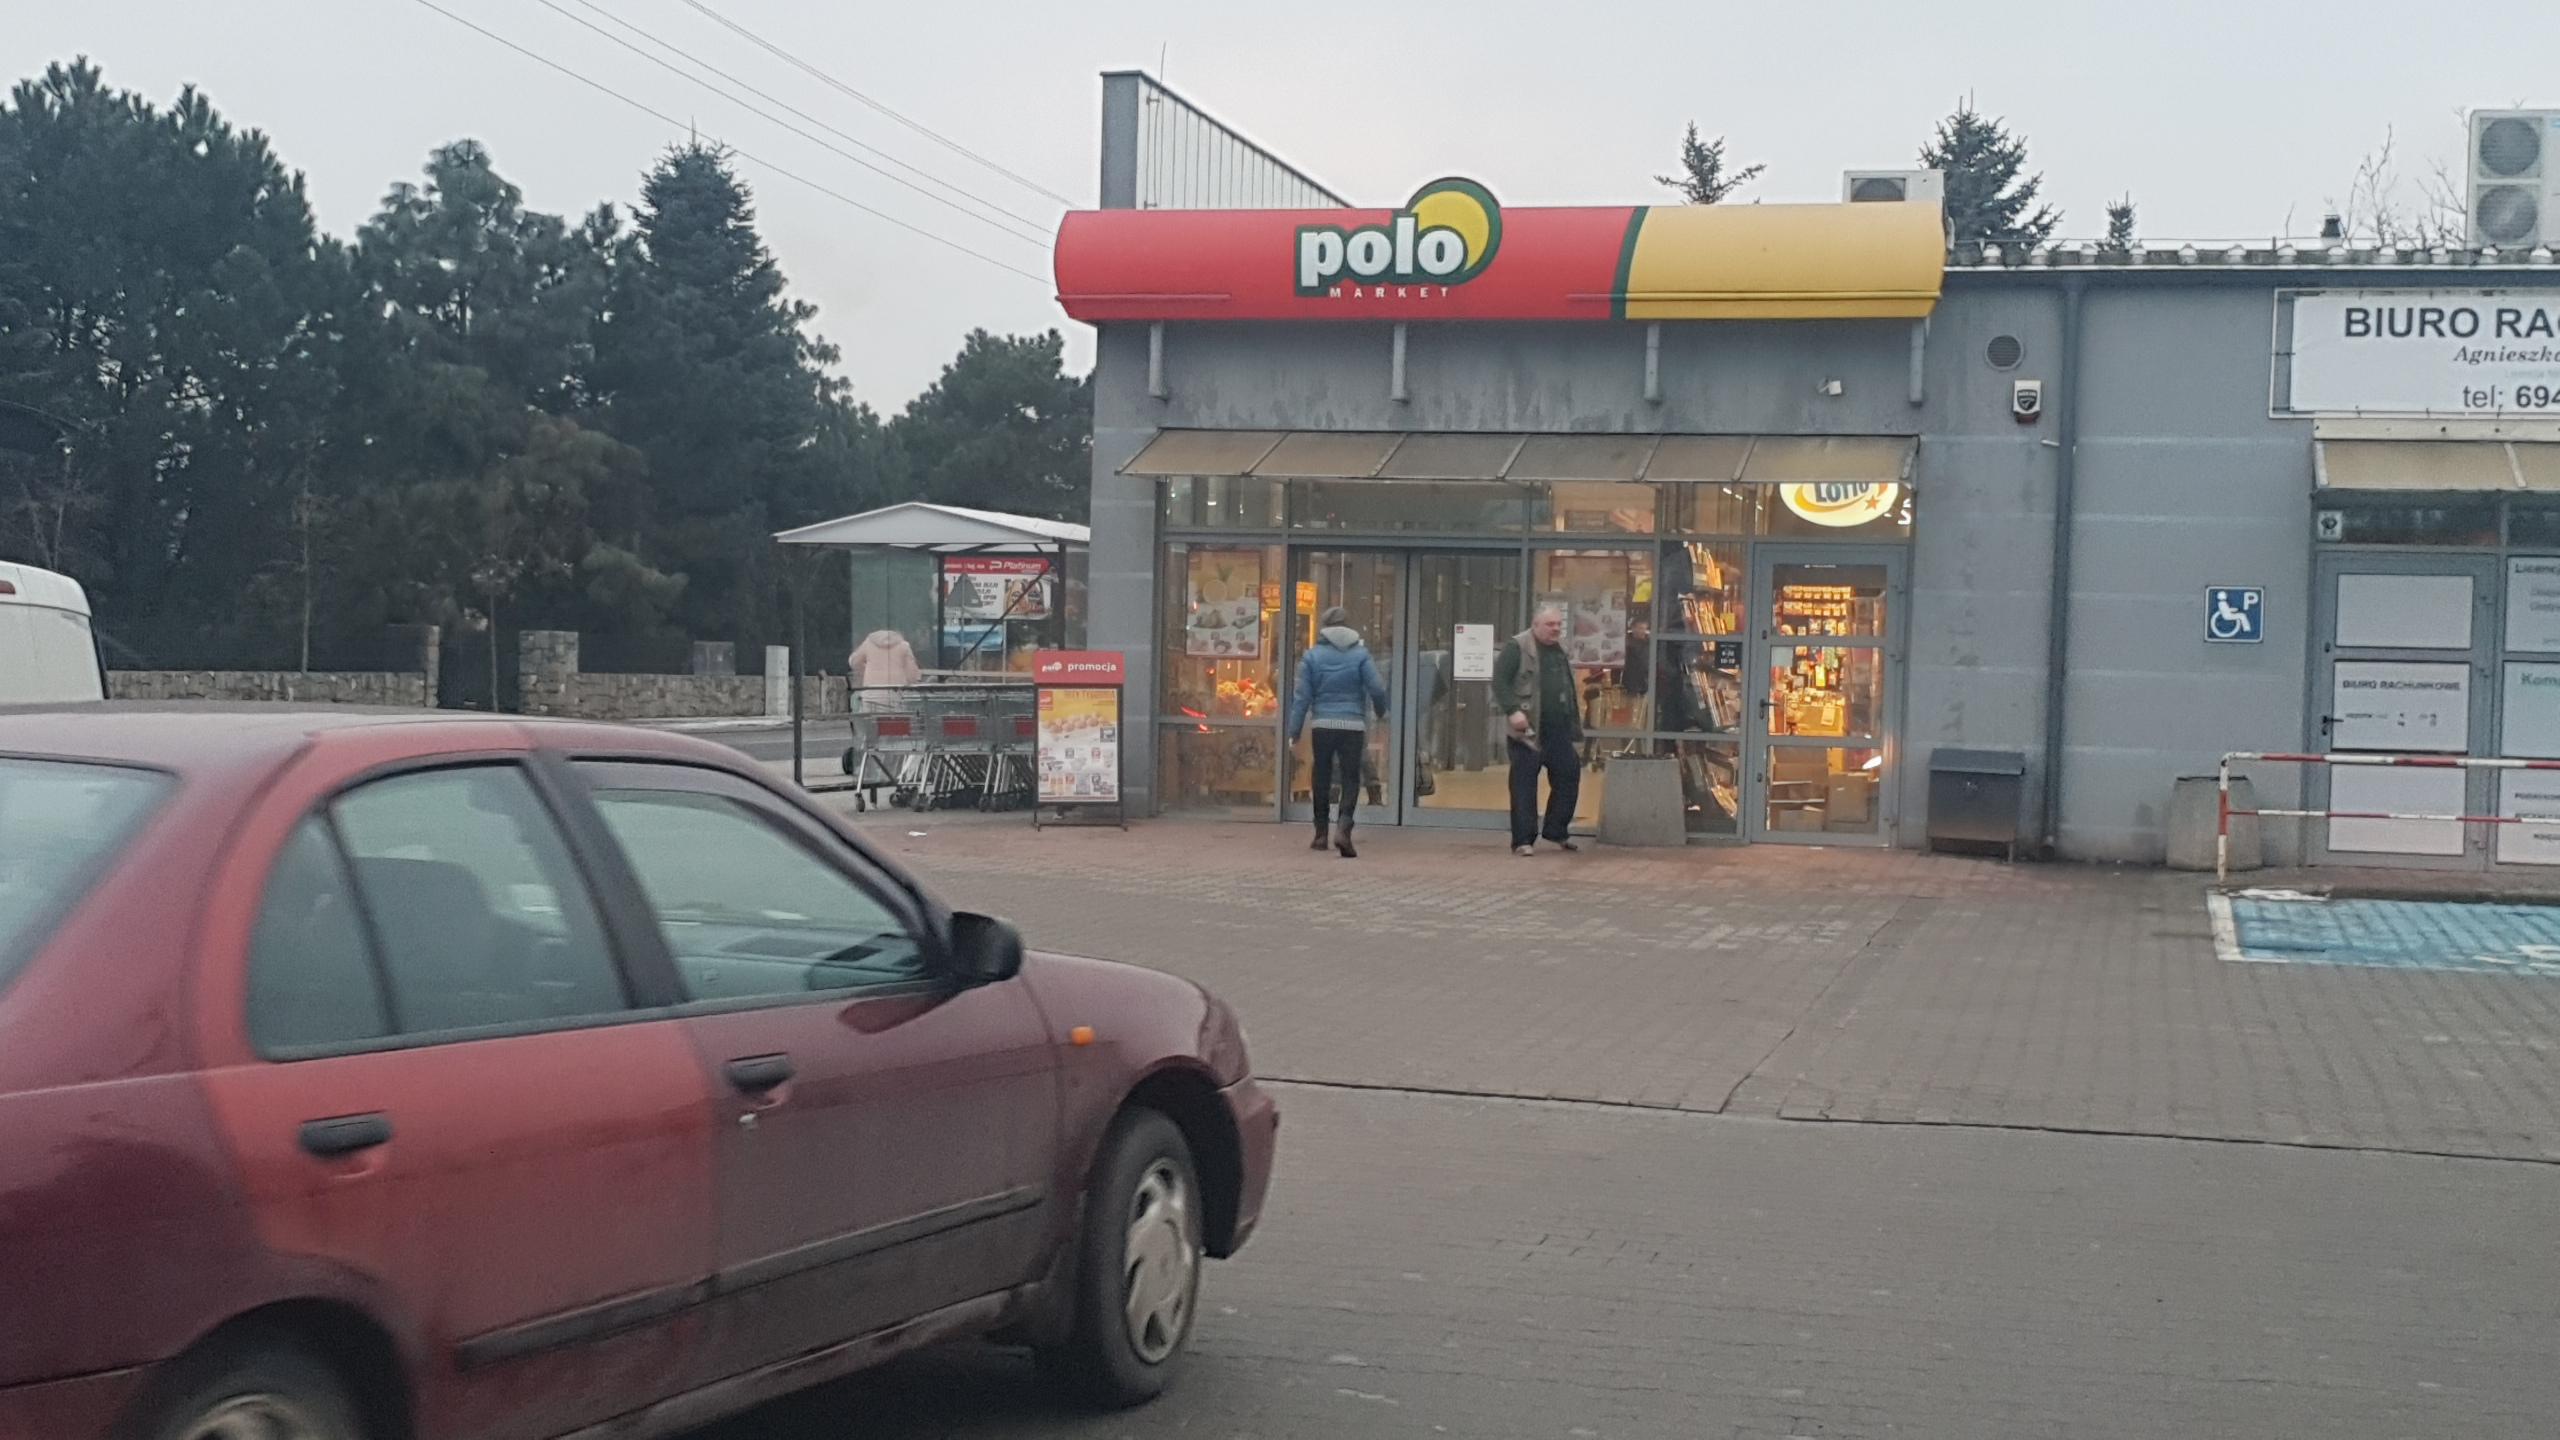 Mosina nożownik polo market - Michał Jędrkowiak, Radio Poznań